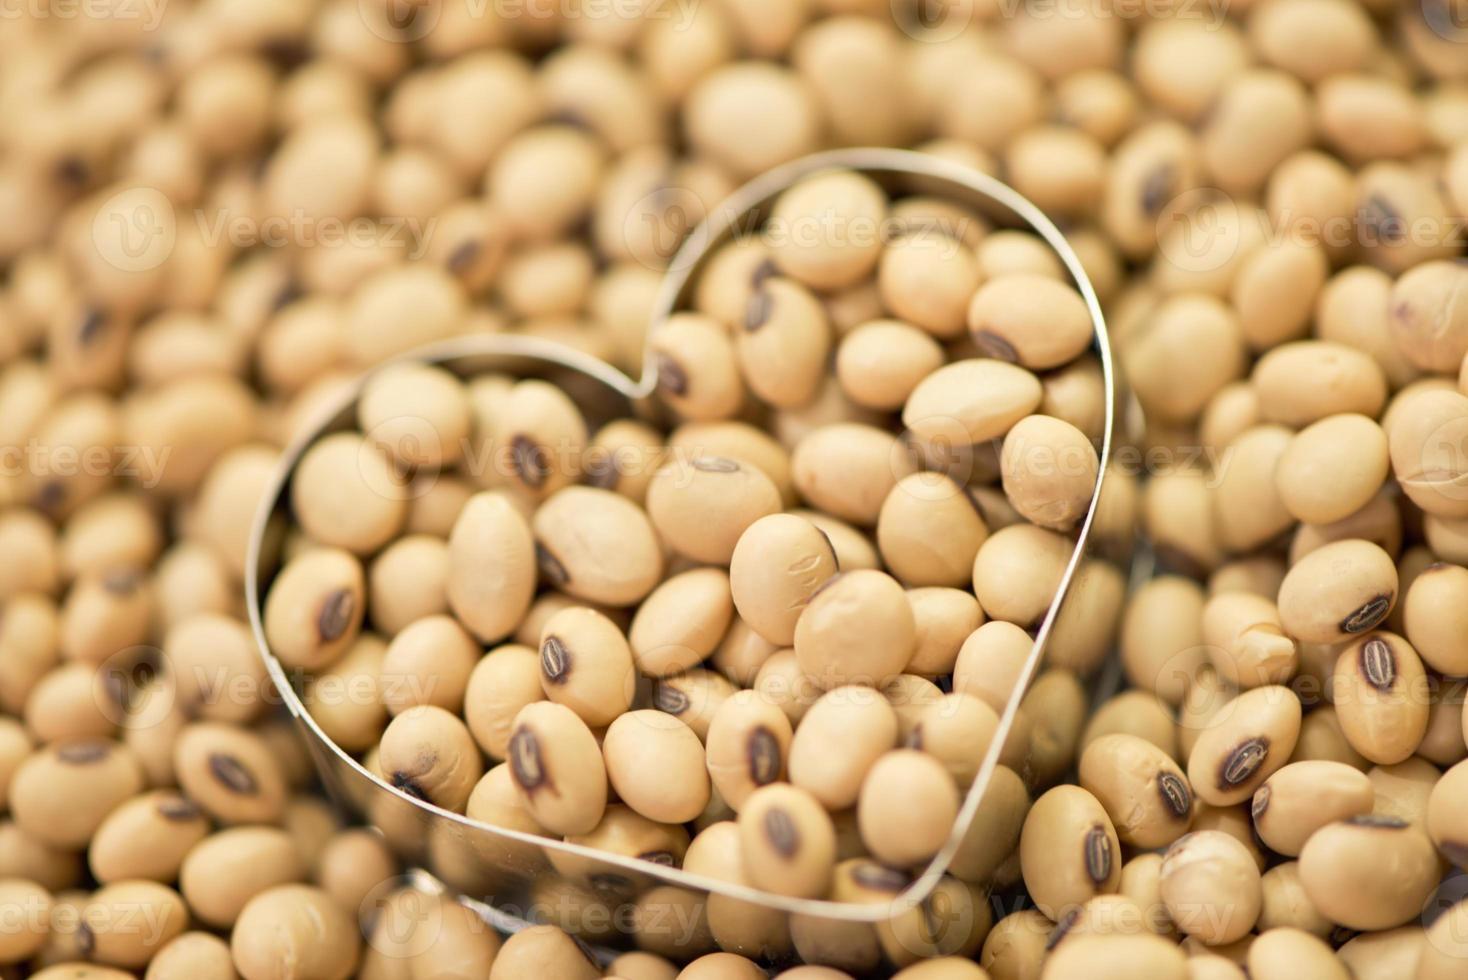 graines de soja en forme de coeur photo